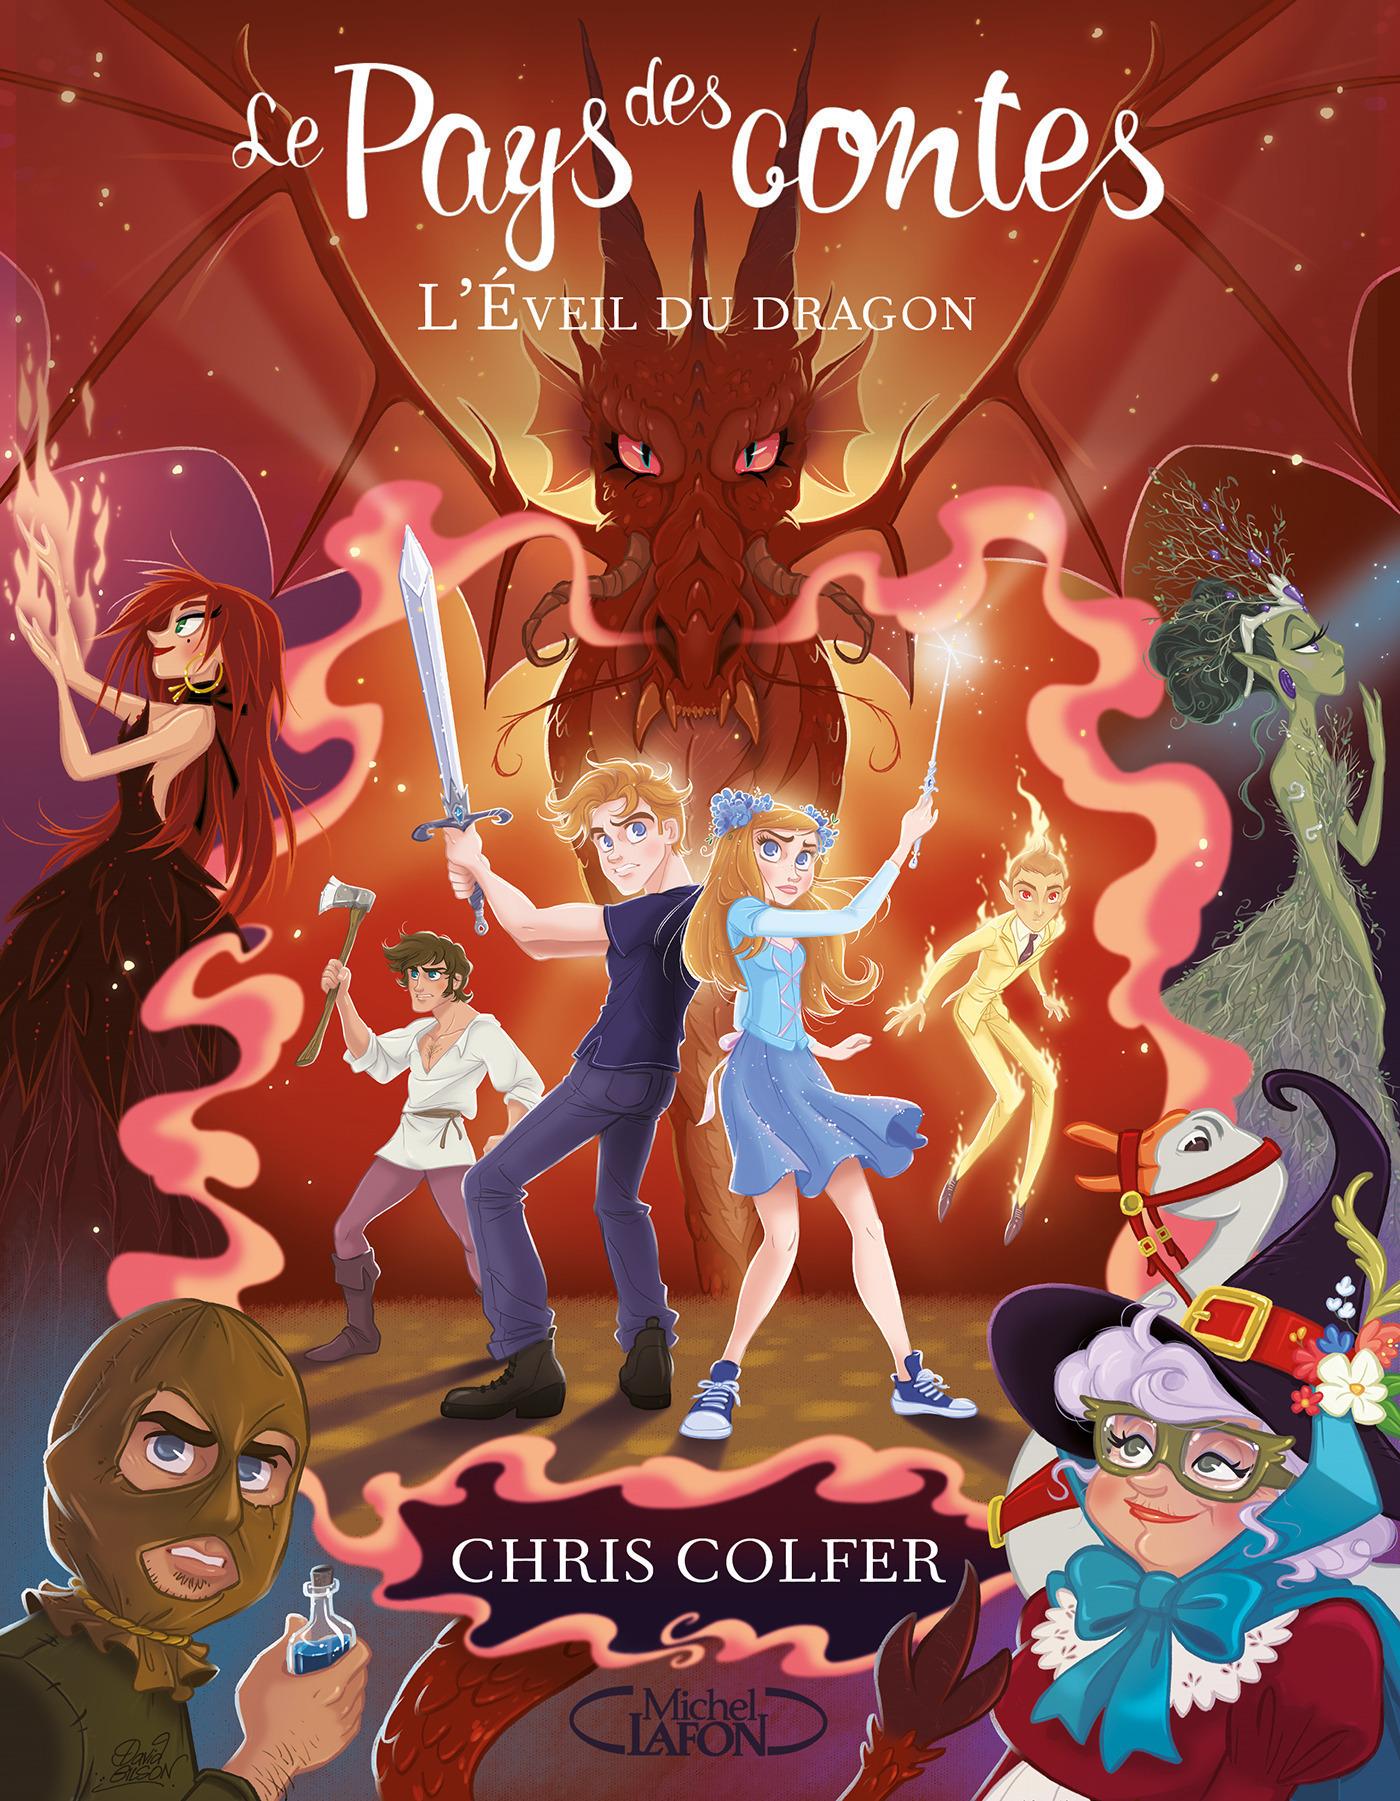 Le pays des contes - tome 3 L'éveil du dragon (ebook)